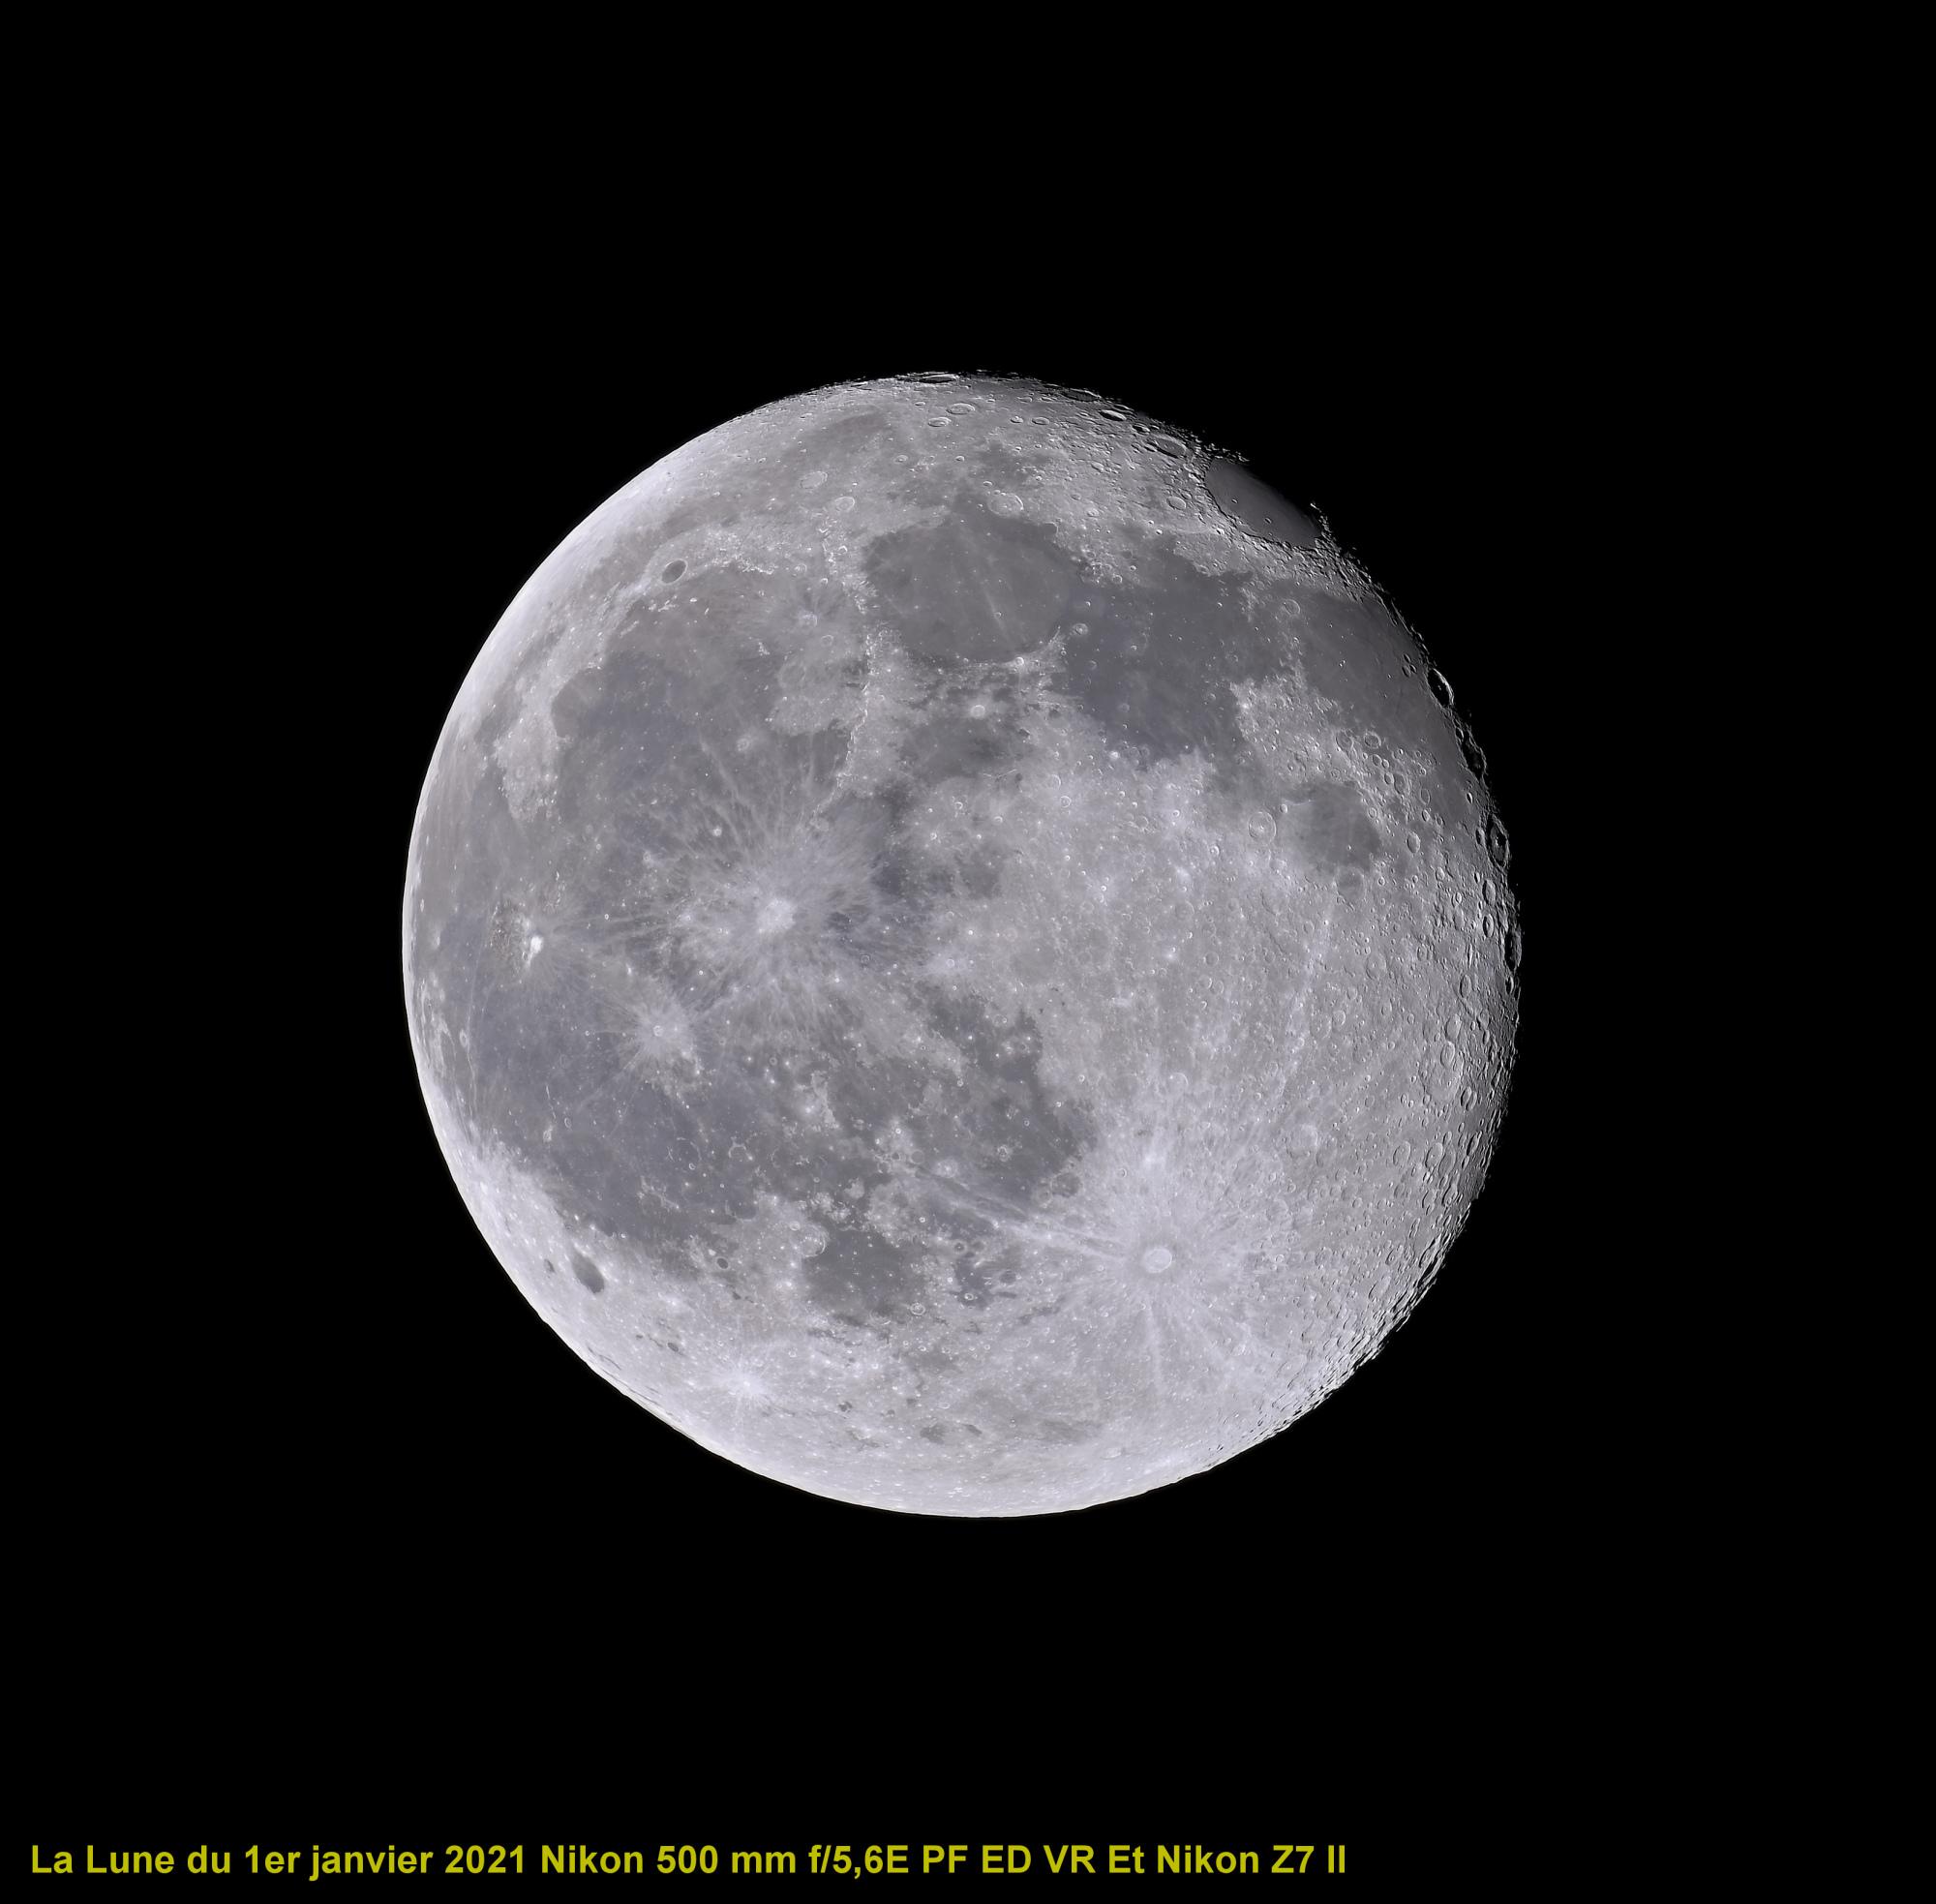 La Lune 20  images du 1er janvier 2021.jpg